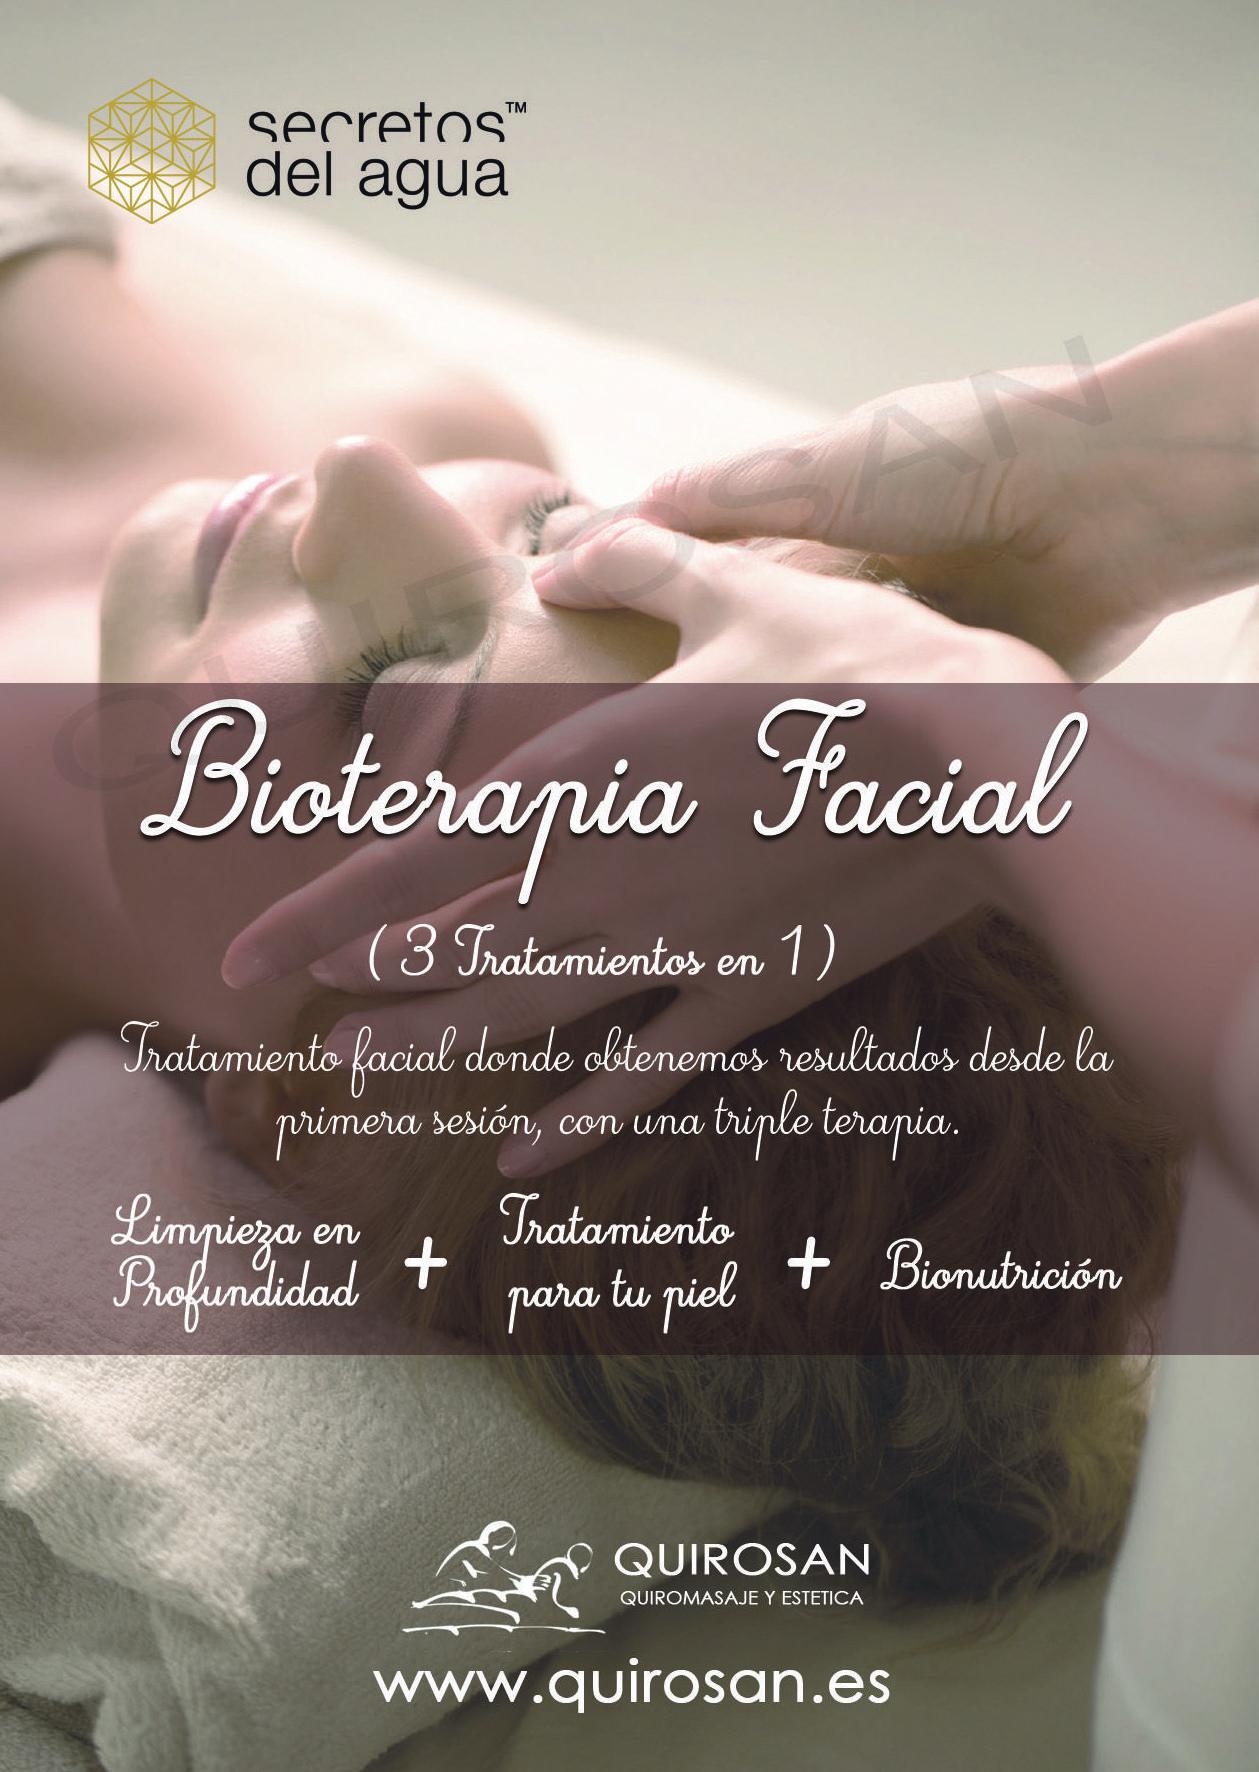 Bioterapia Facial Activa: Servicios de Quirosan